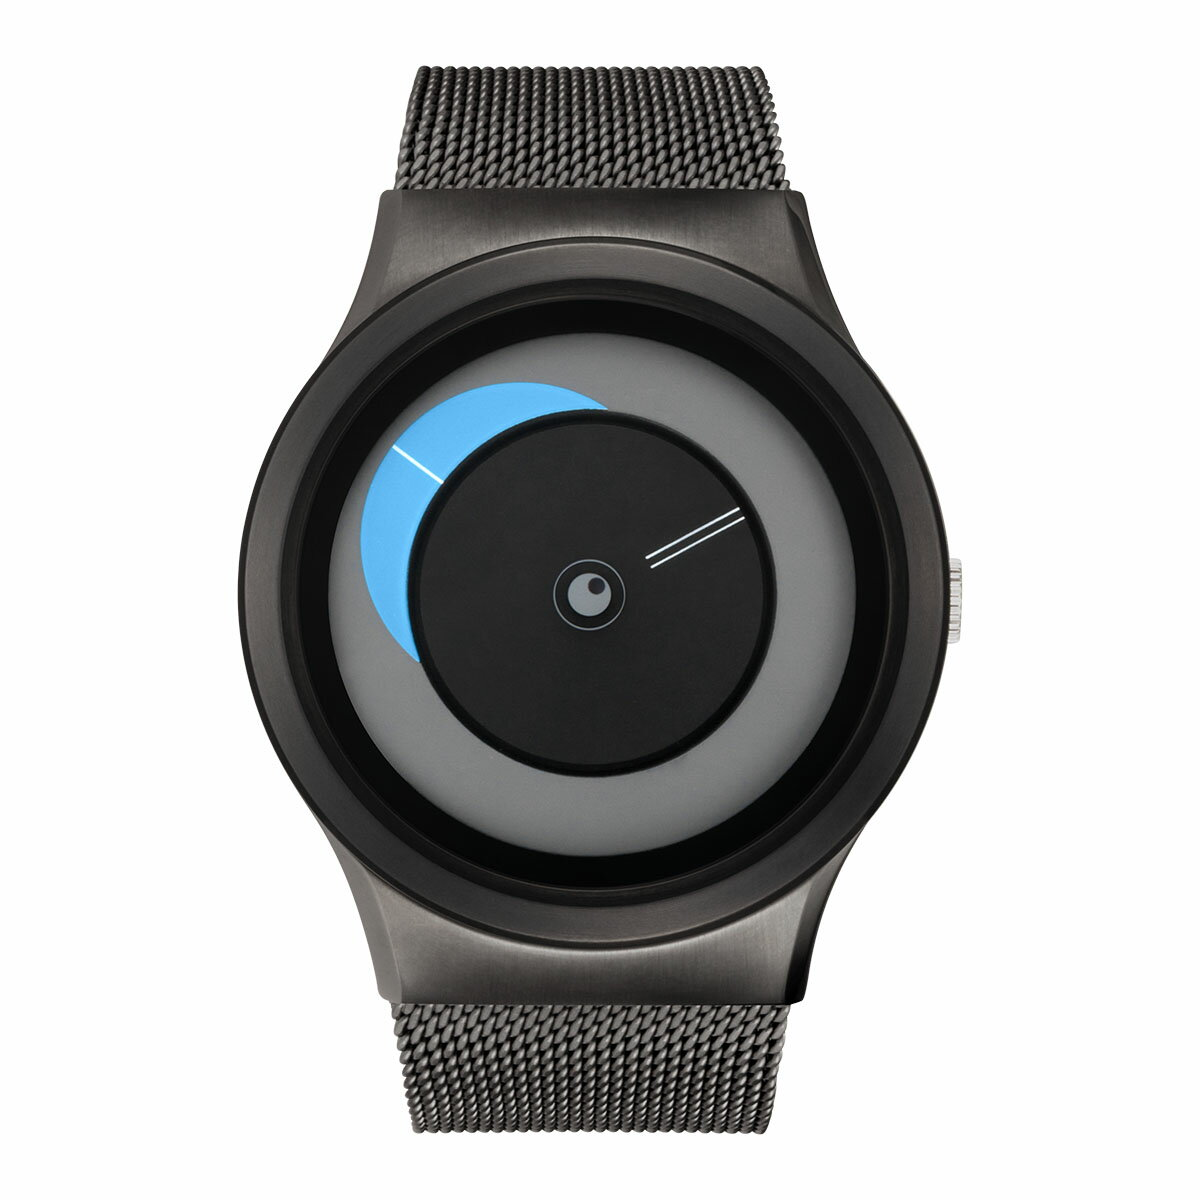 ZEROO CRESCENT MOON ゼロ 電池式クォーツ 腕時計 [W09036B02SM02] ブルー デザインウォッチ ペア用 メンズ レディース ユニセックス おしゃれ時計 デザイナーズ